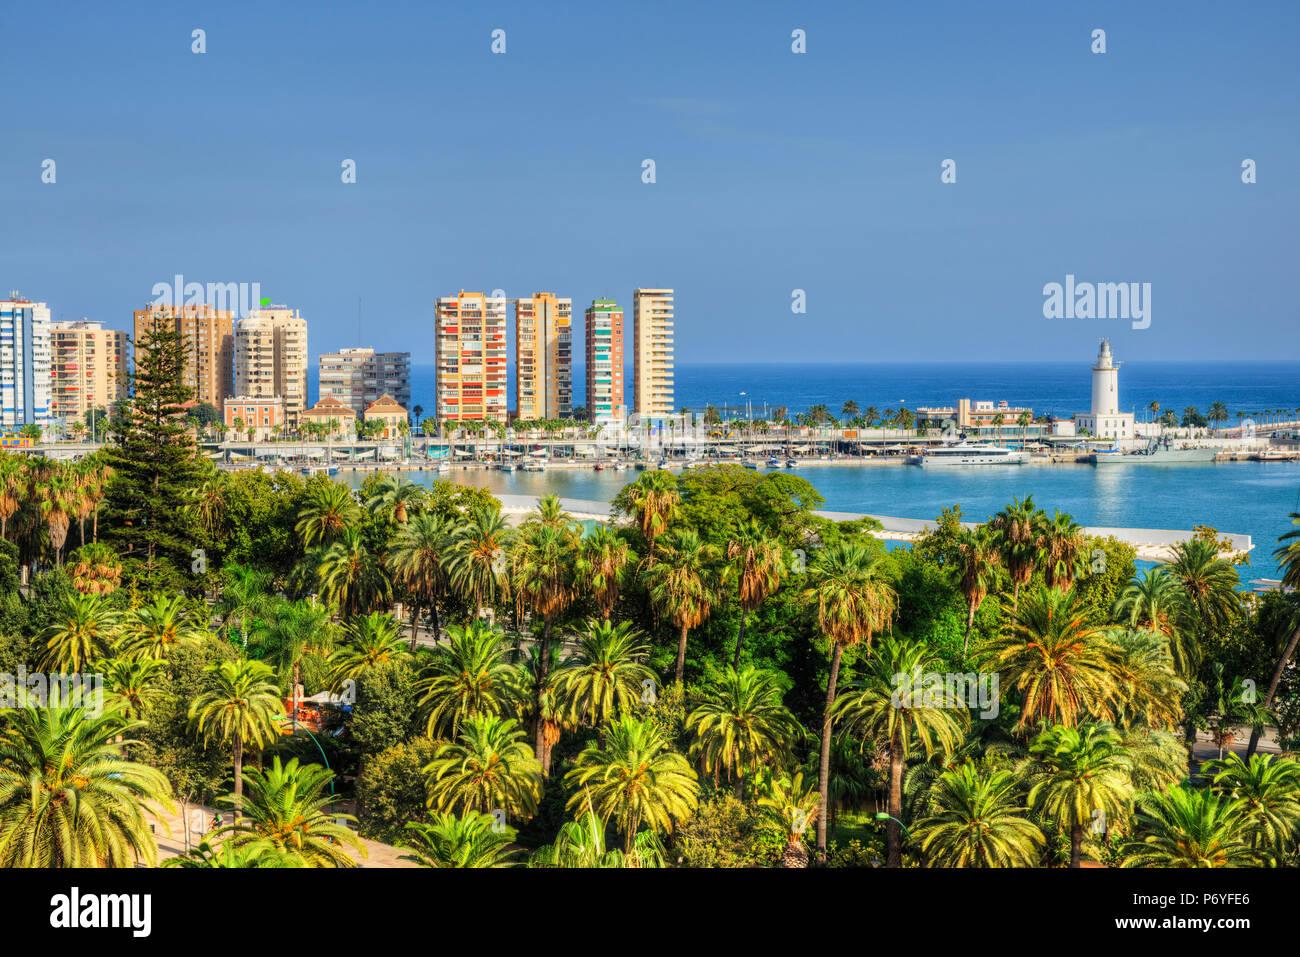 Vista al puerto con el faro, Málaga, Costa del Sol, Andalucía, España Imagen De Stock